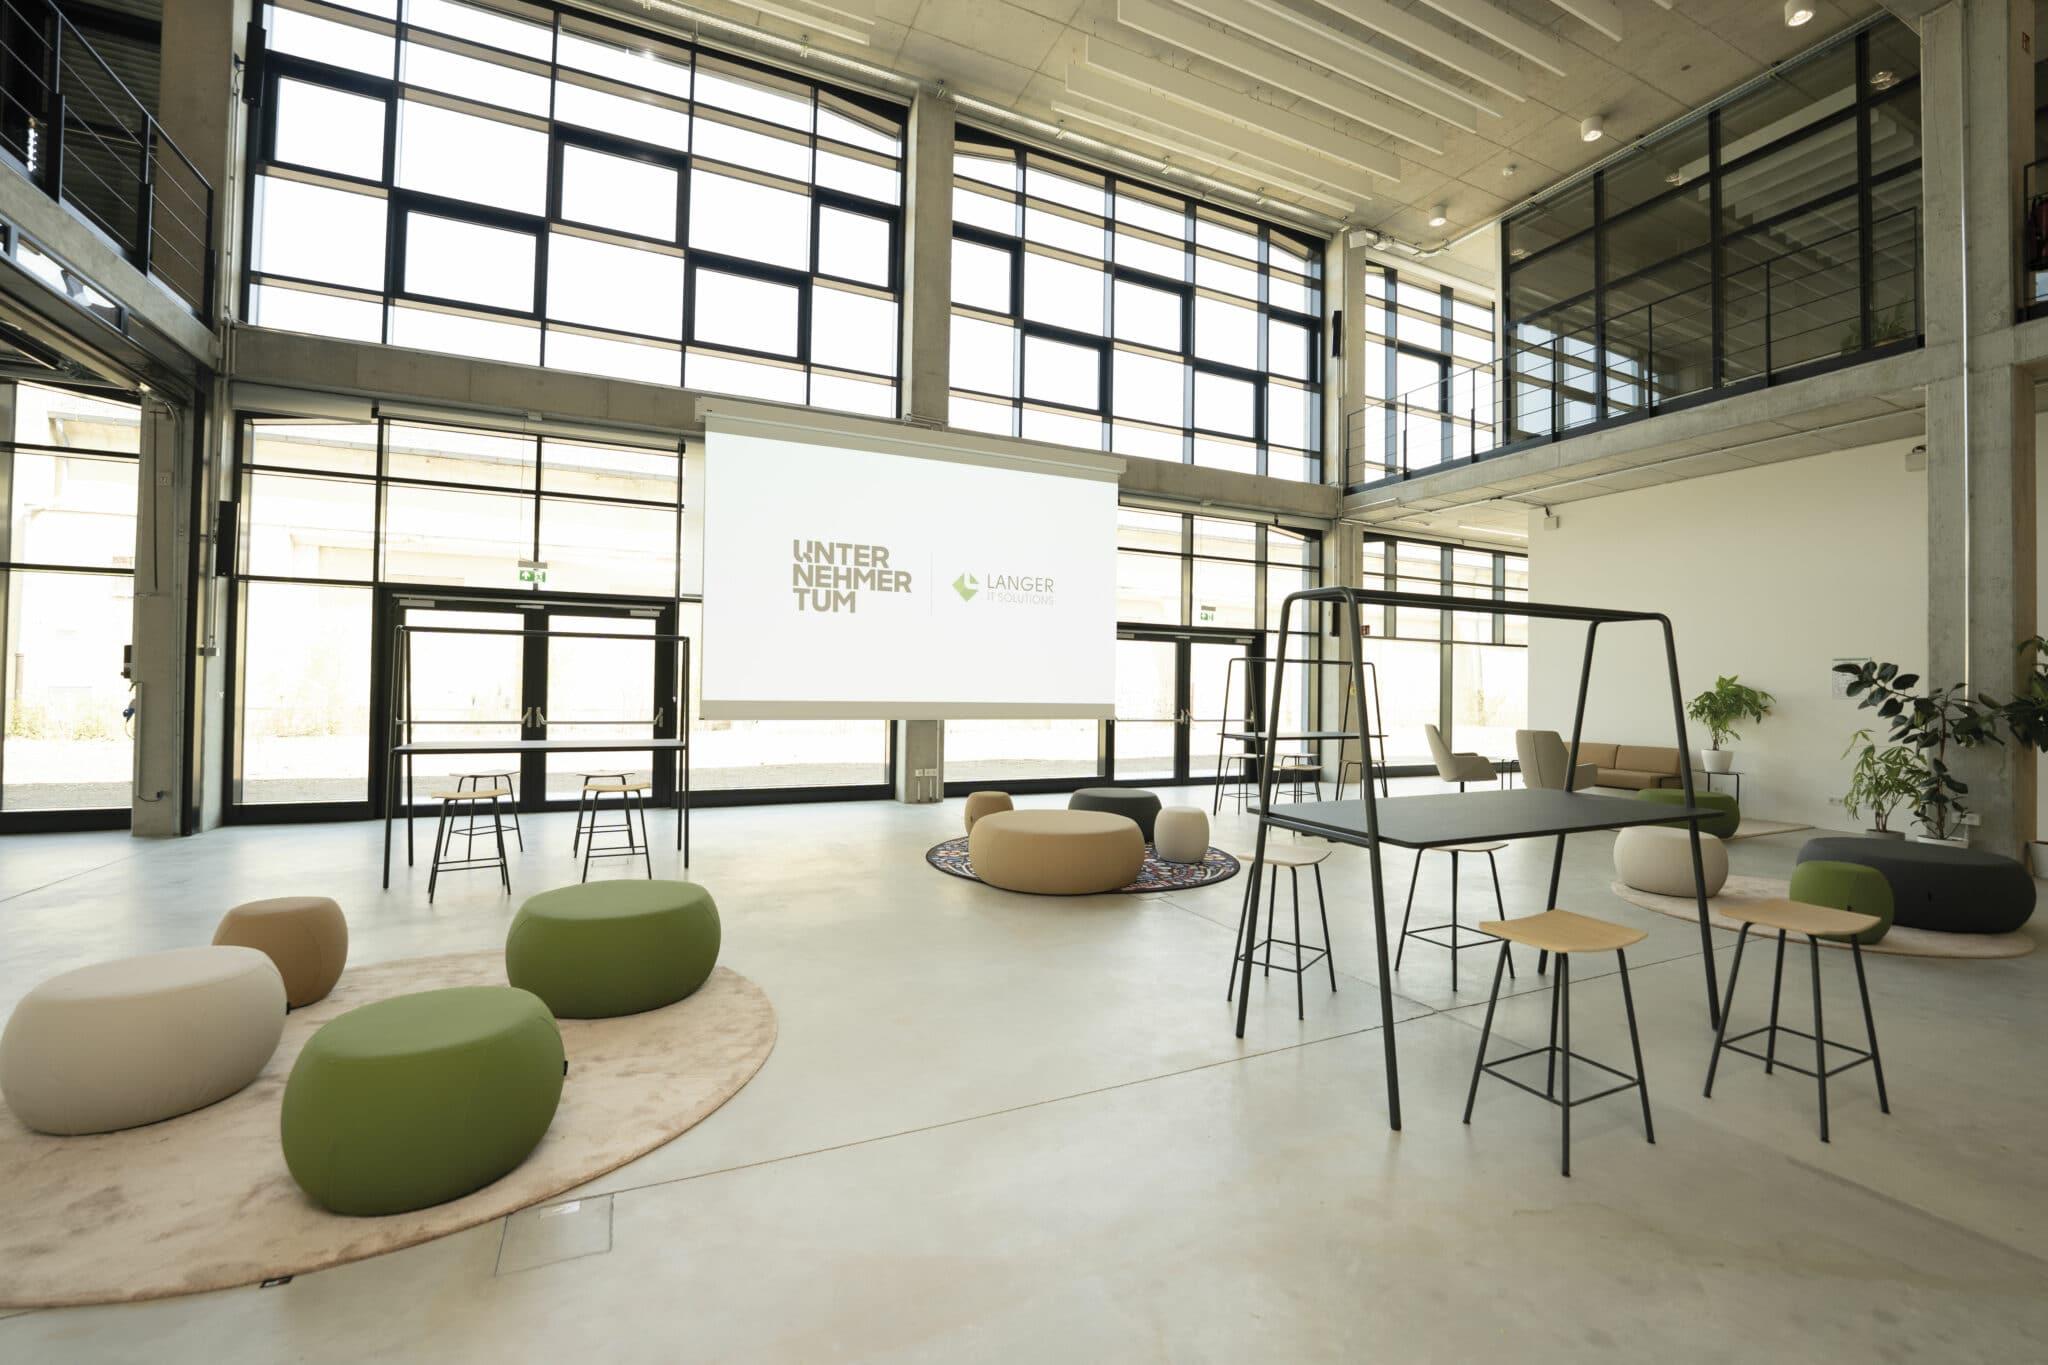 Event-Fläche mit Sitzmöglichkeiten und Leinwand